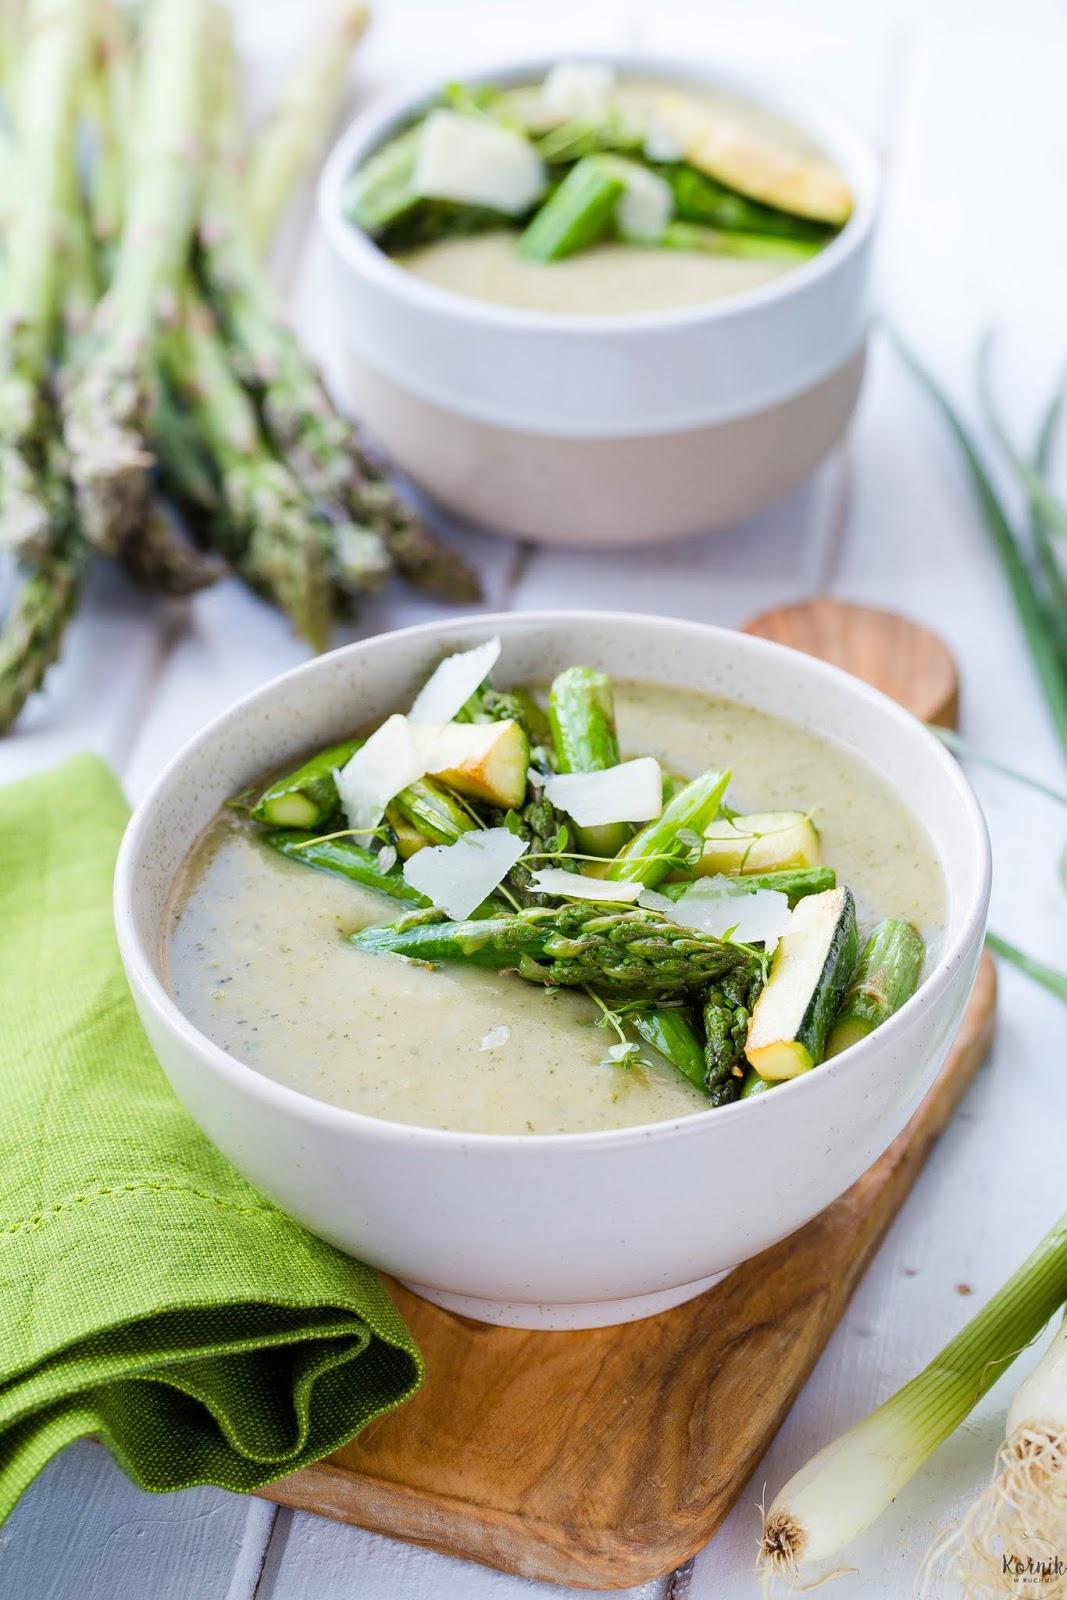 Zupa ziemniaczana z zielonymi warzywami